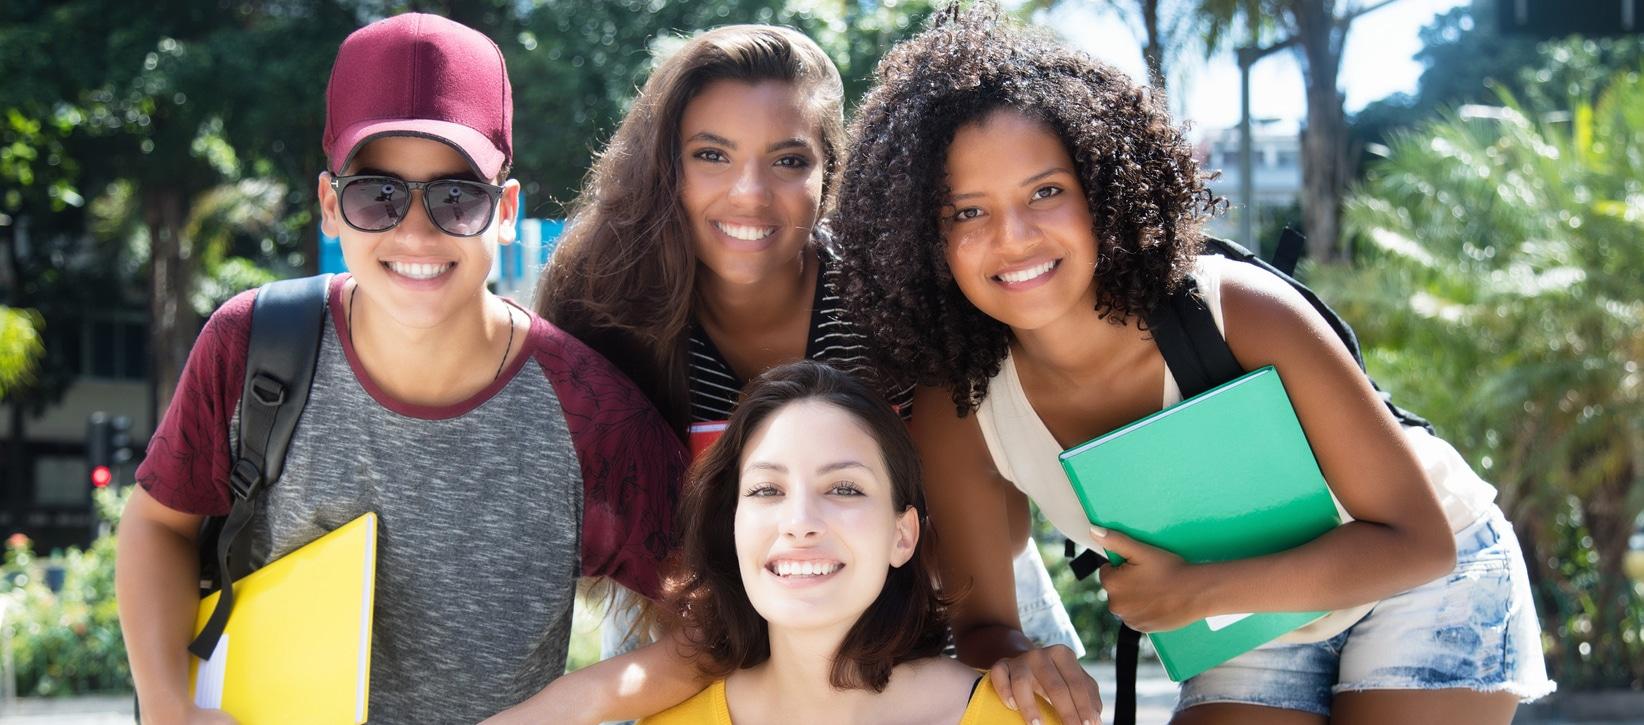 Gruppenbild internationaler Studenten in der Stadt